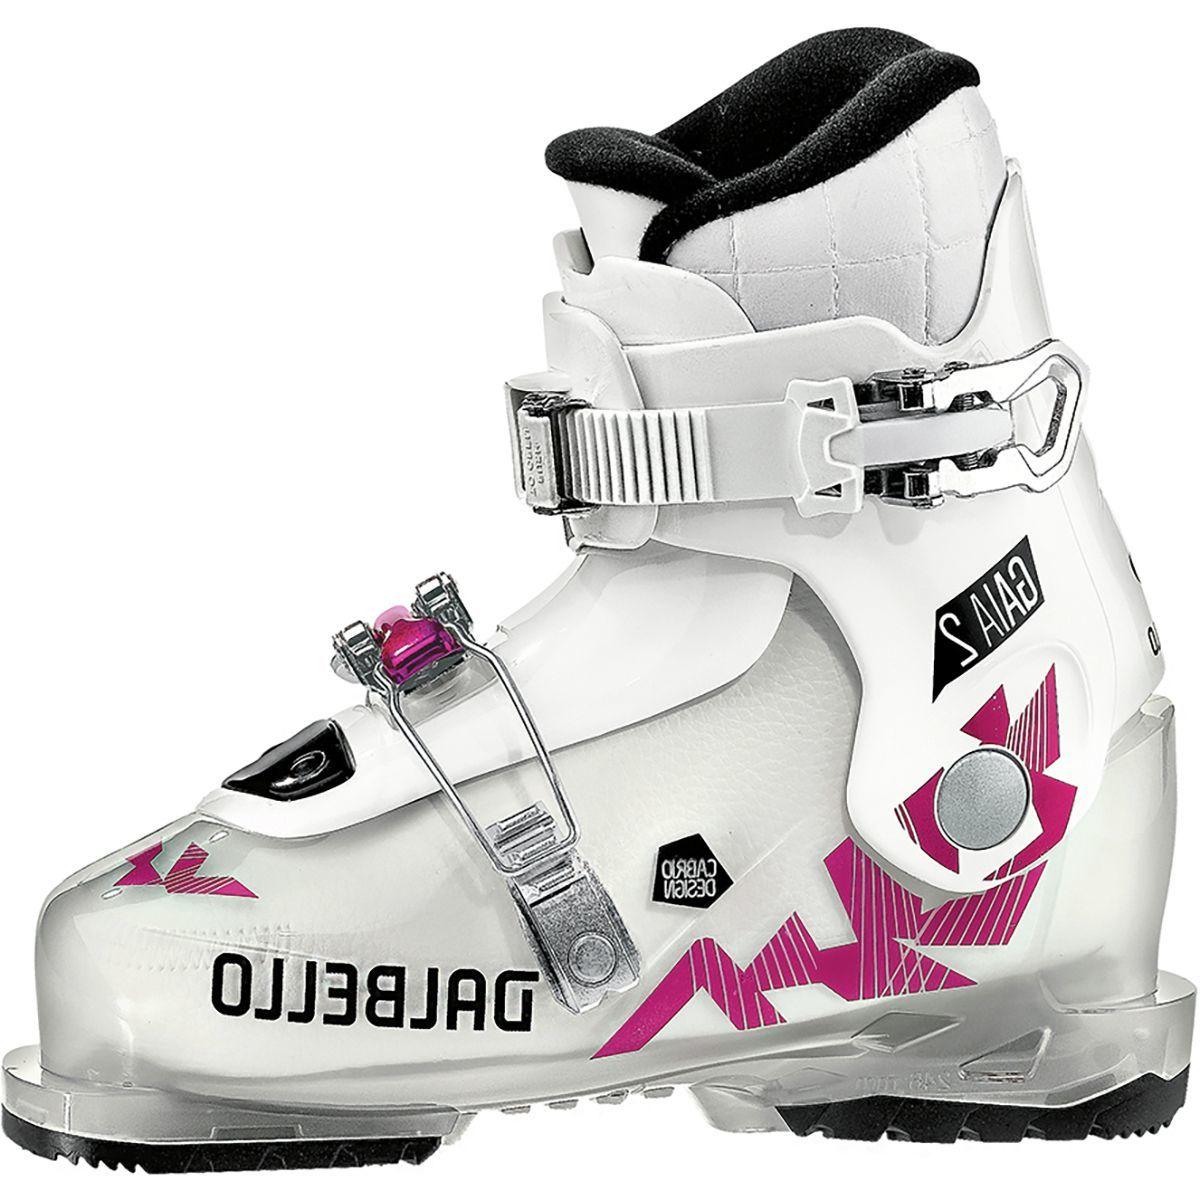 Dalbello Sports Gaia 2.0 Ski Boot - Girls'